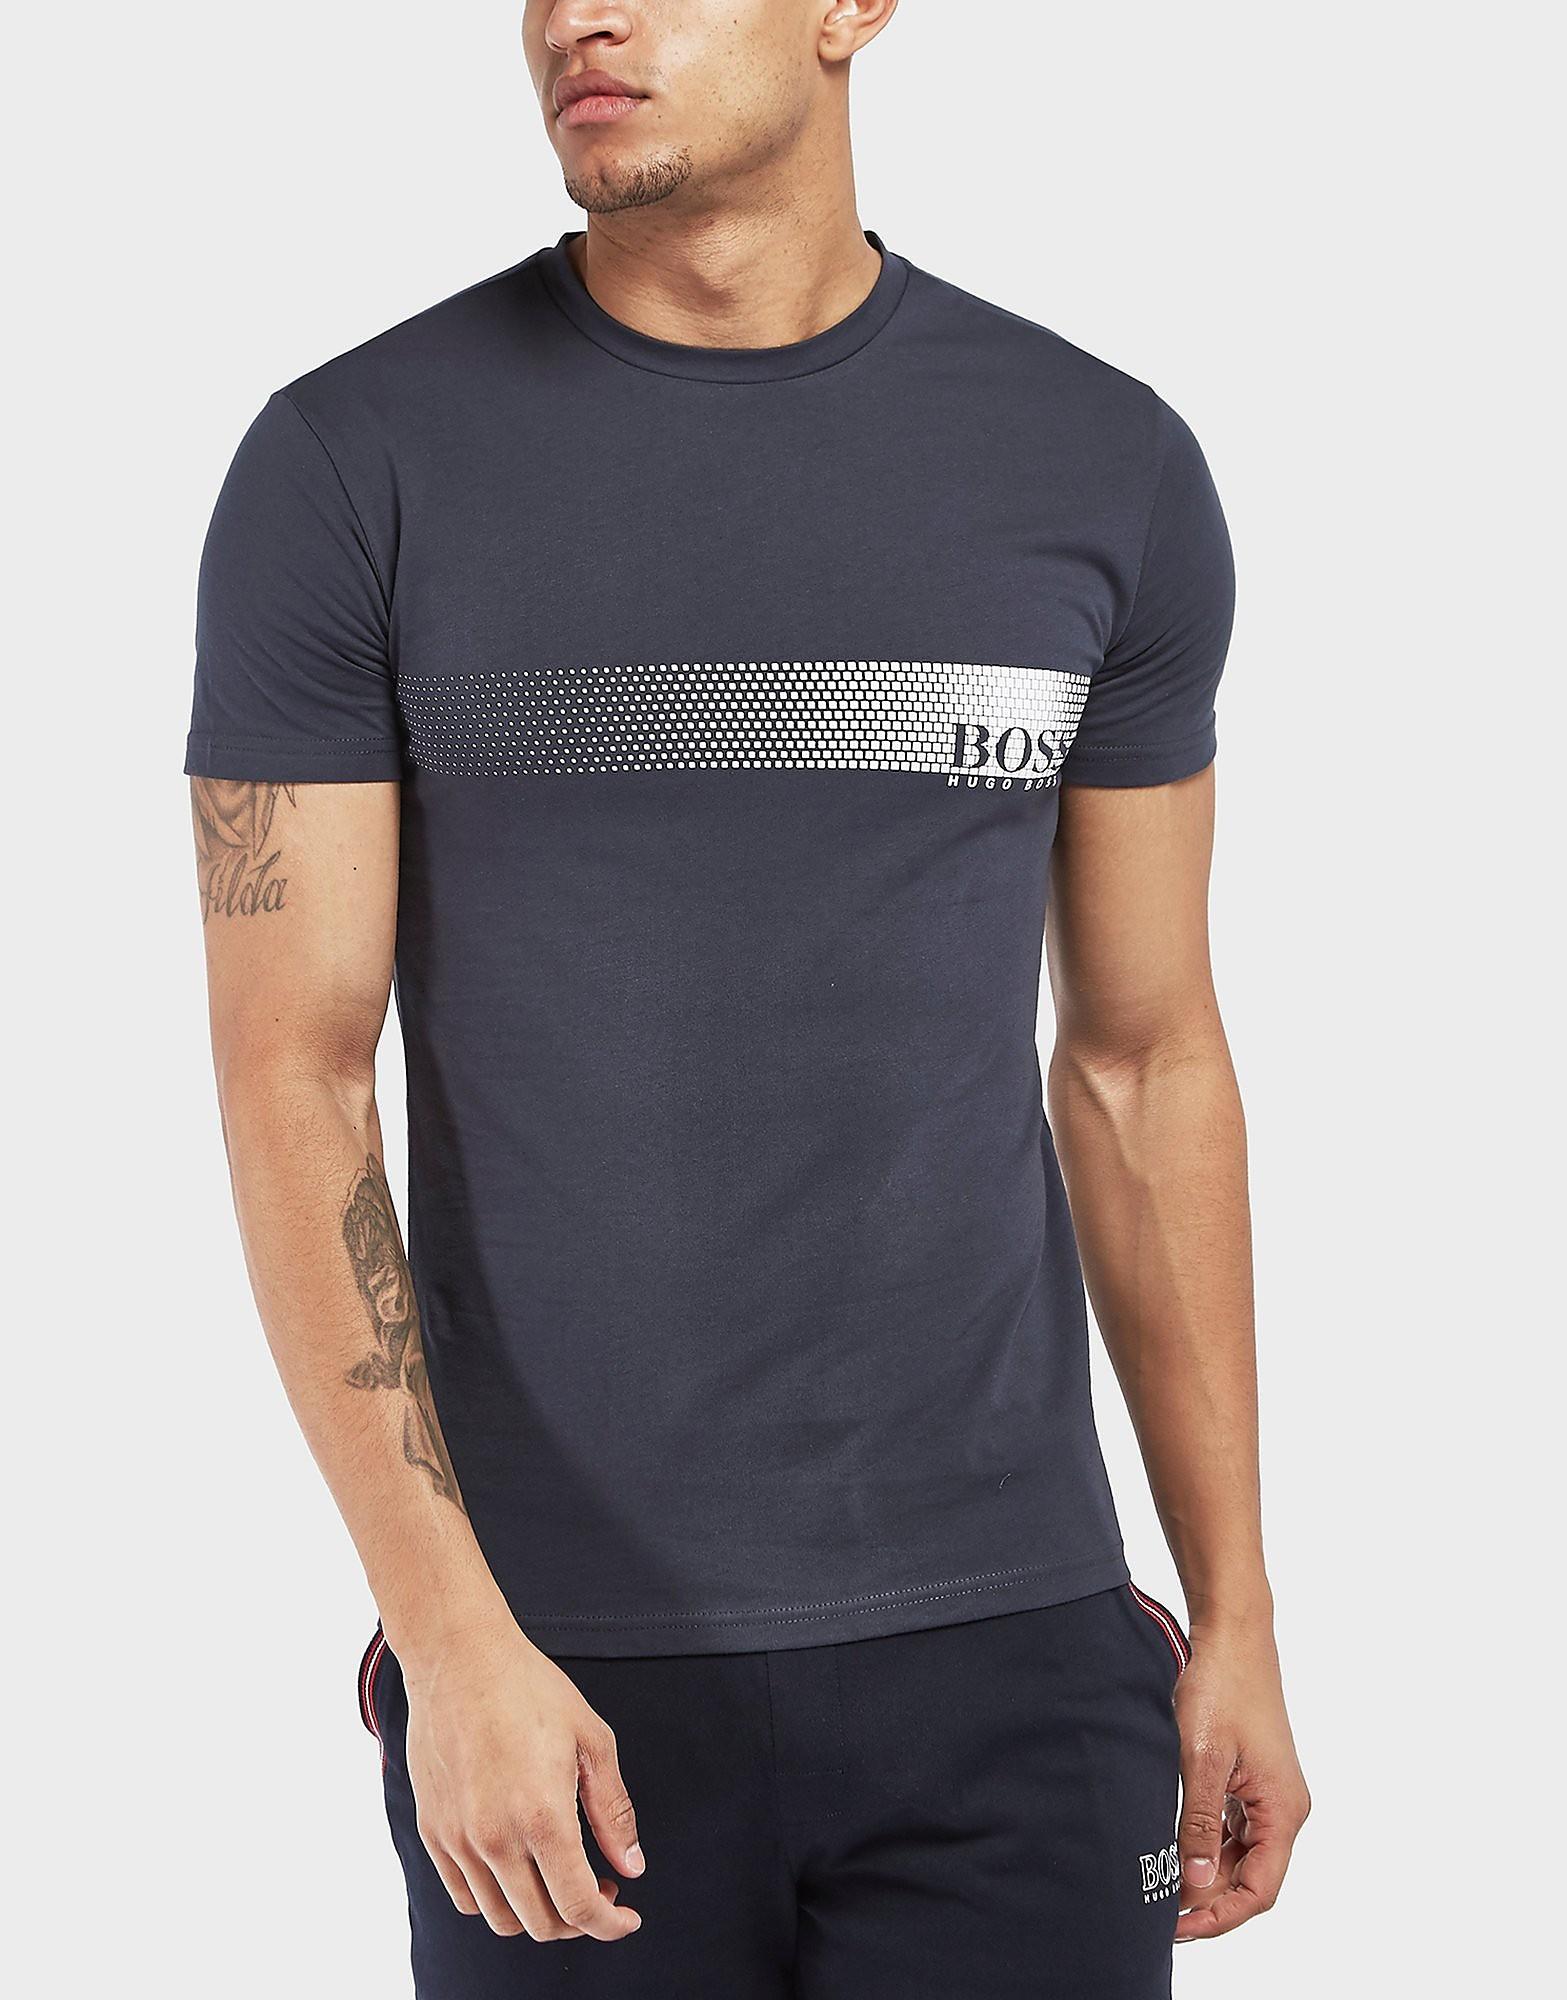 BOSS Chest Fade Short Sleeve T-Shirt